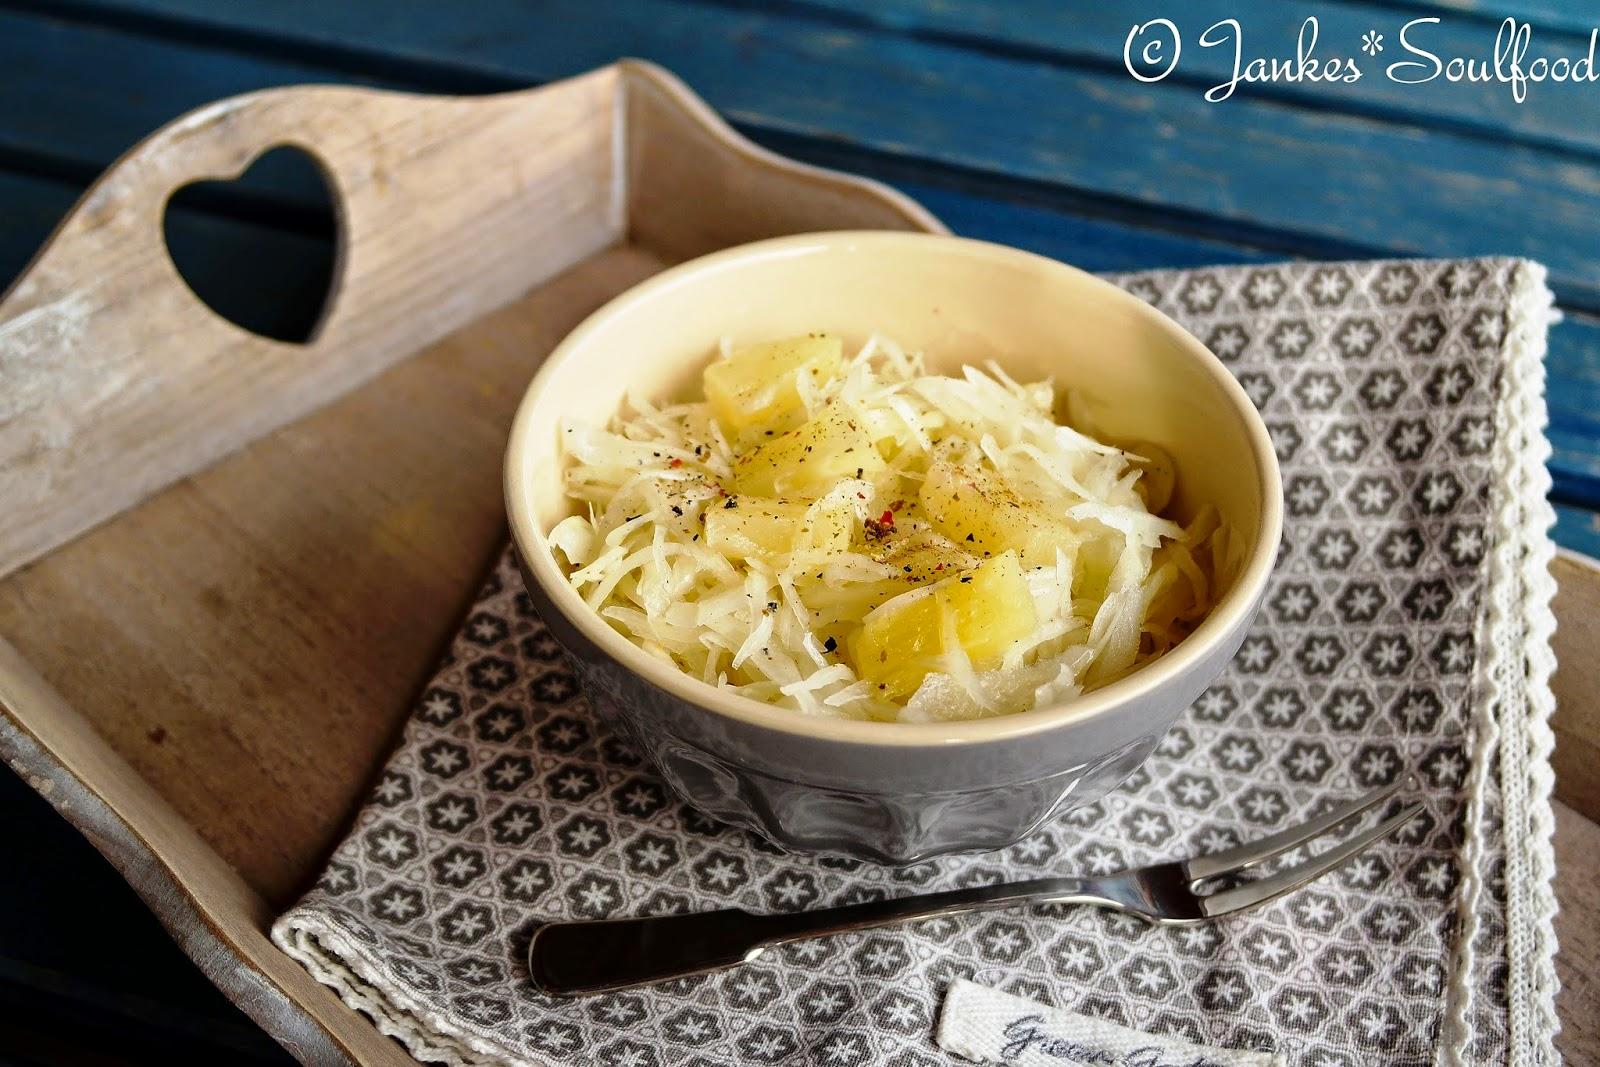 Krautsalat mit Ananas - Jankes Soulfood